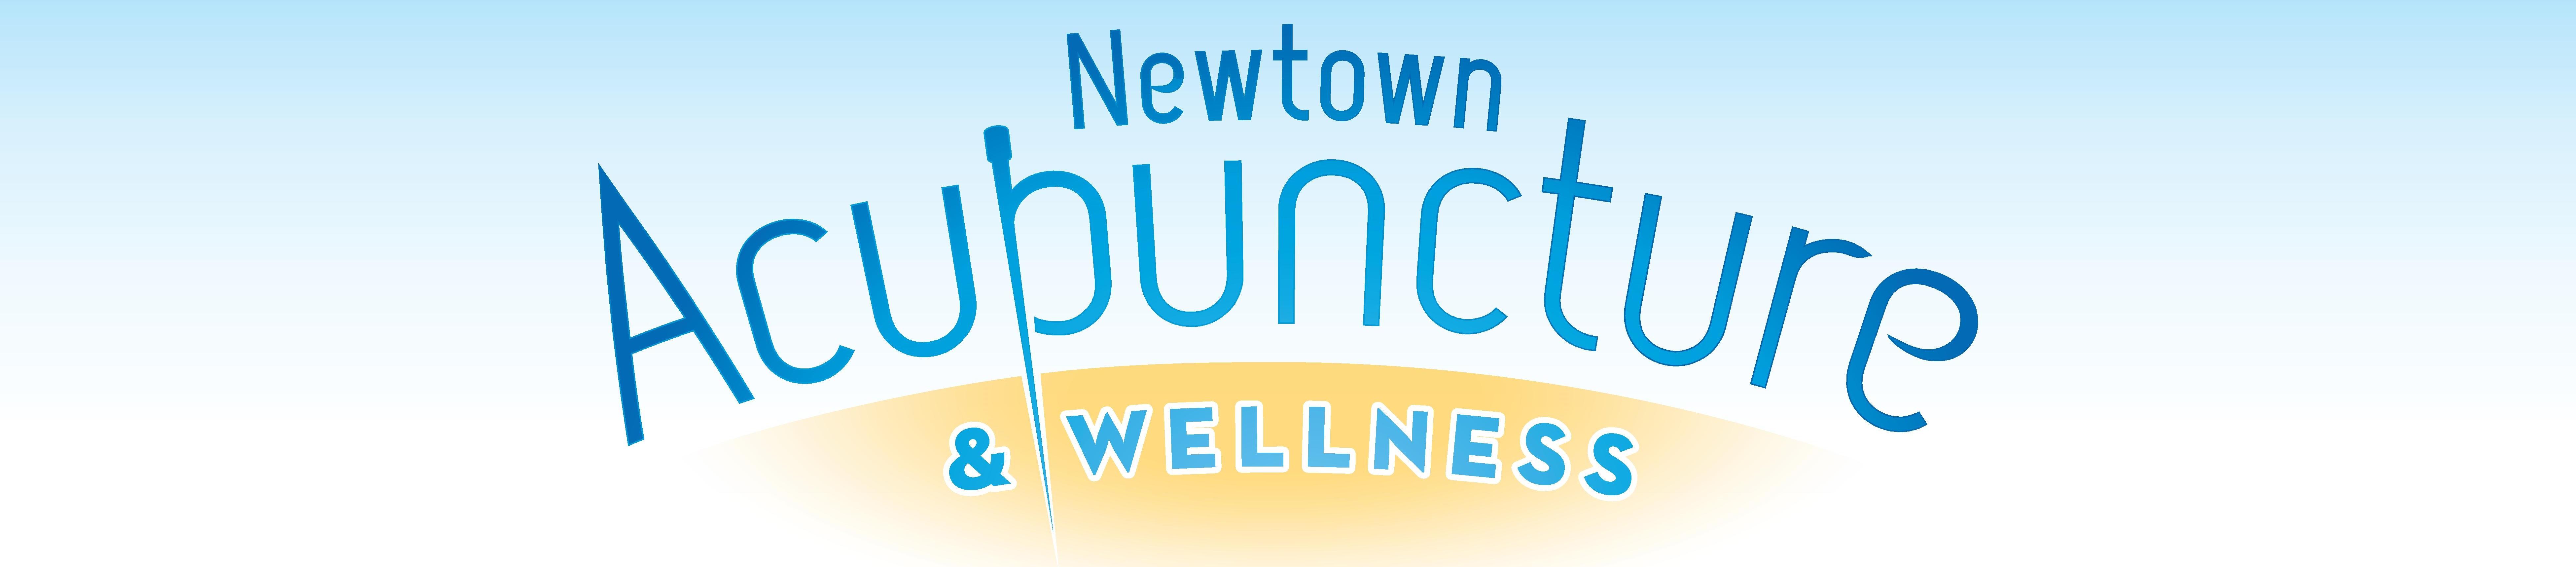 Newtown Acupuncture & Wellness